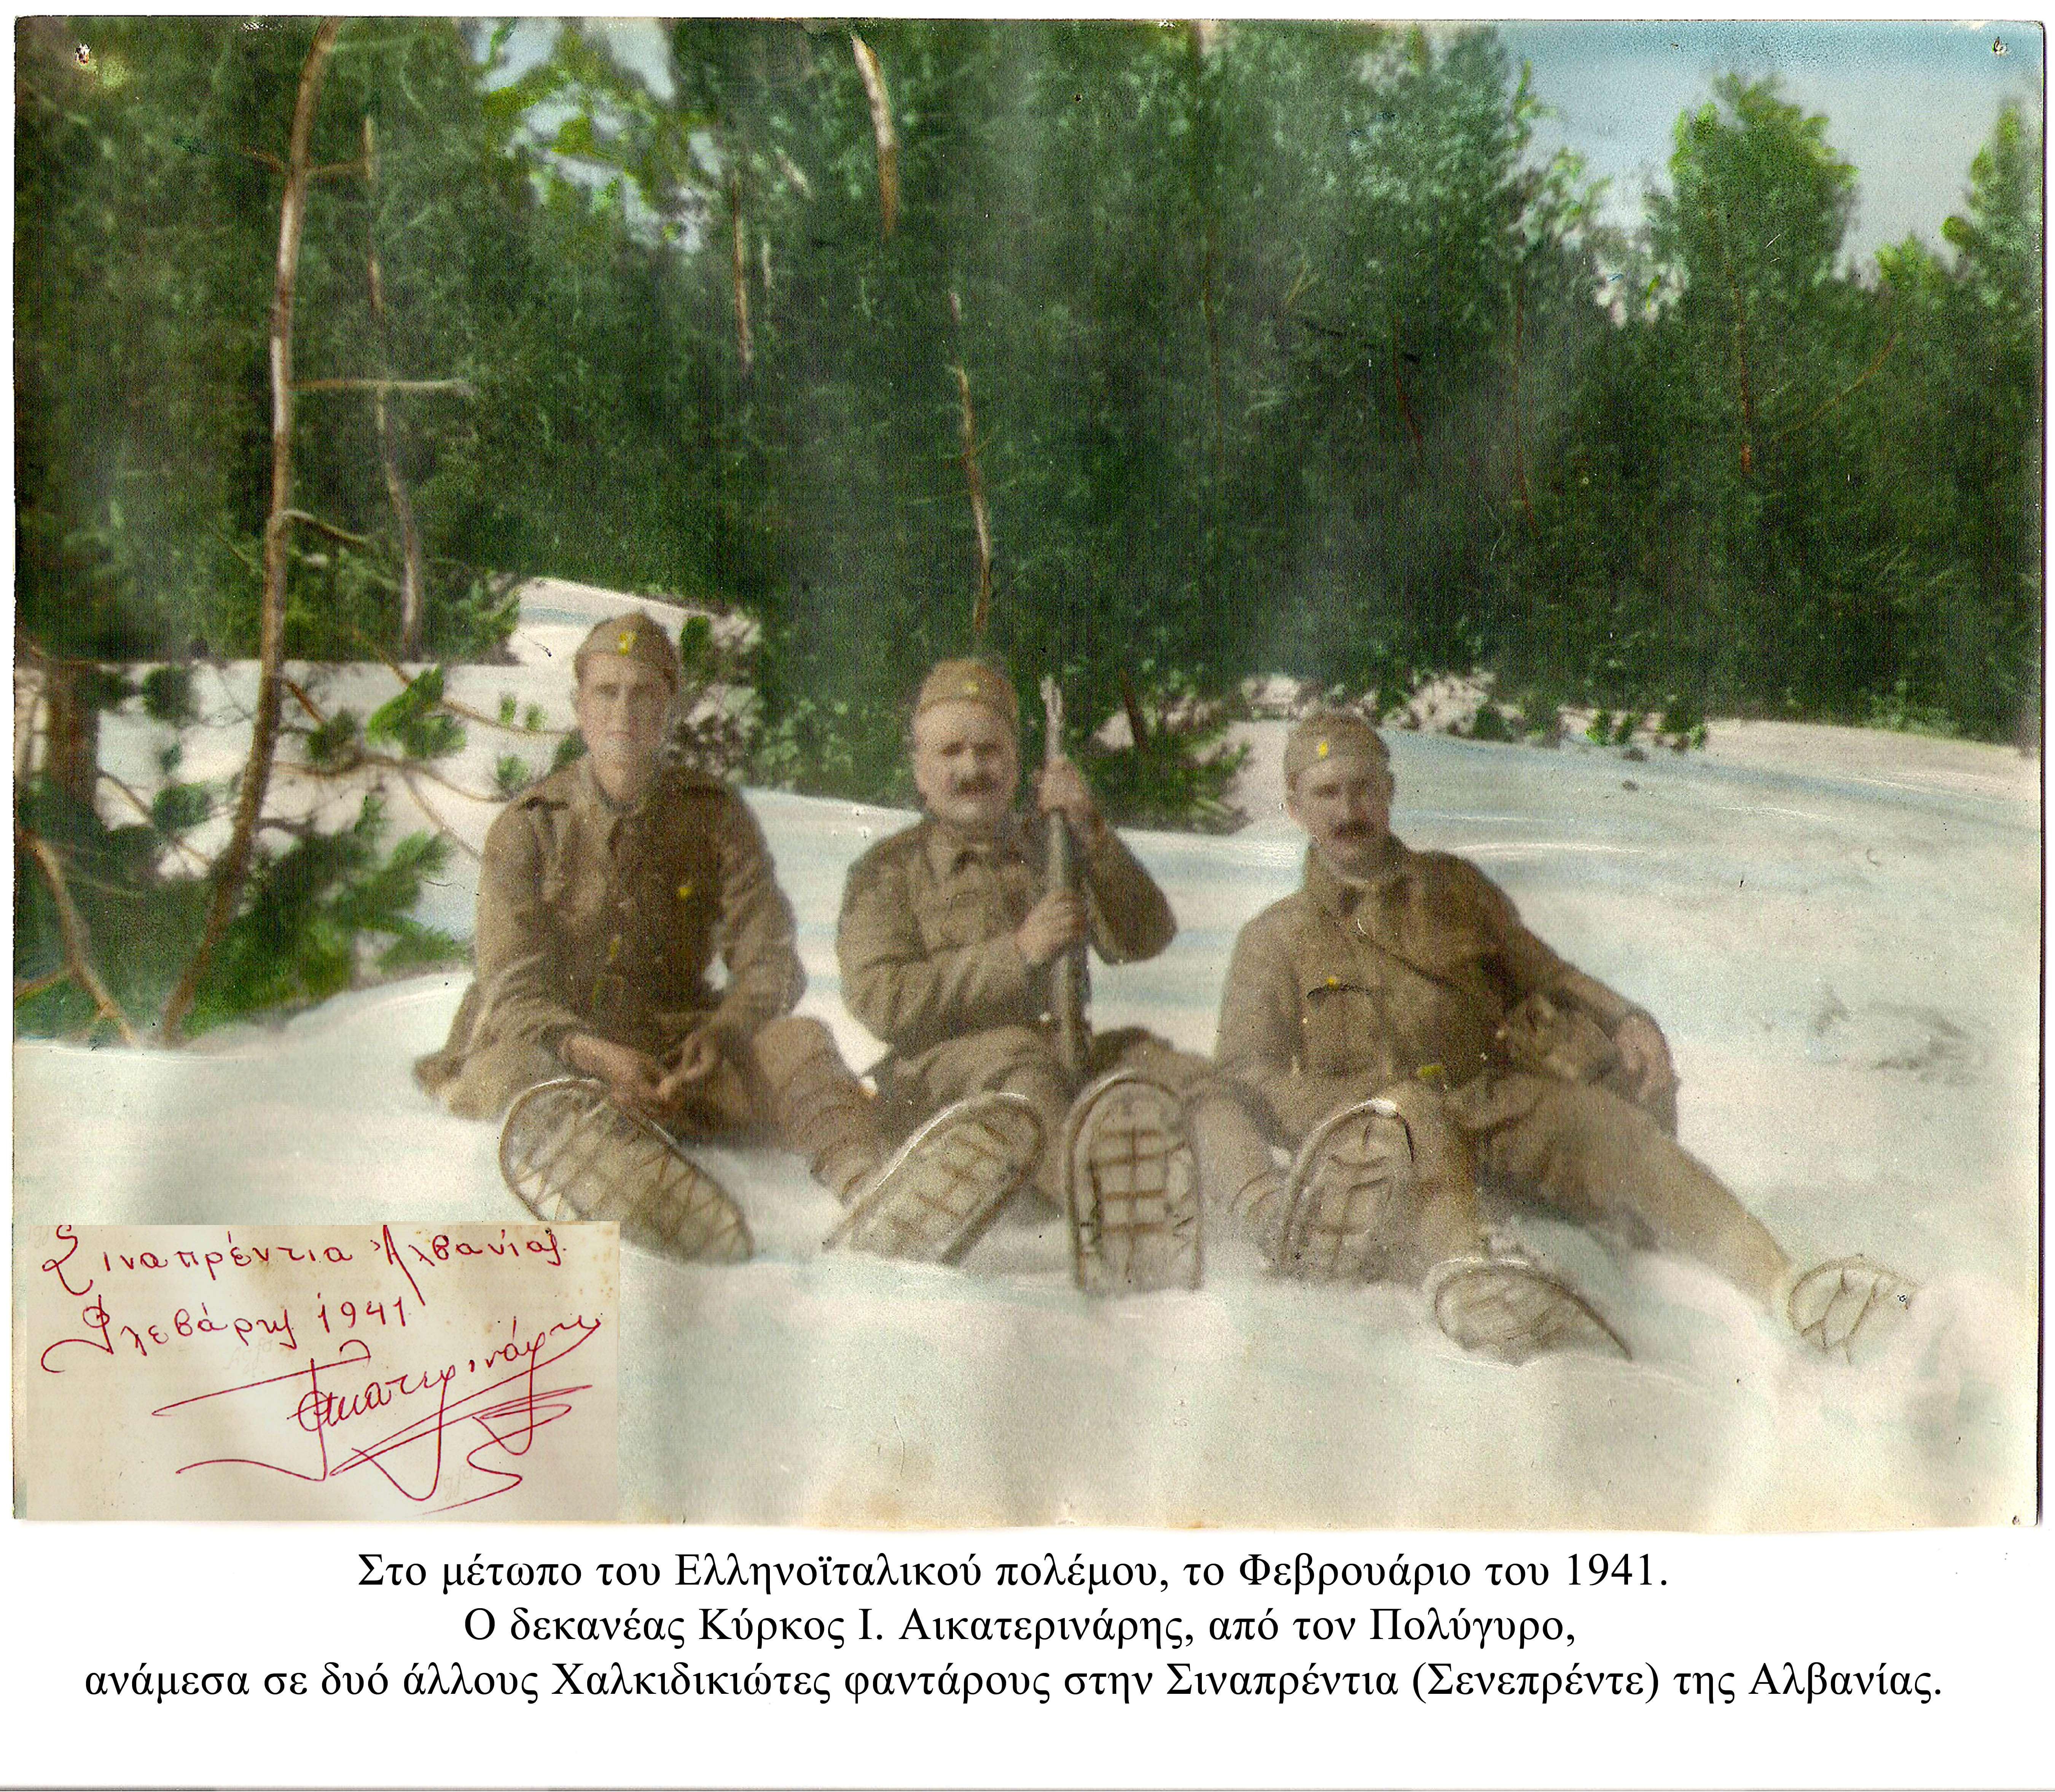 Αλβανία, 1941. Κύρκος Αικατερινάρης, στο κέντρο, ανάμεσα σε δύο στρατιώτες